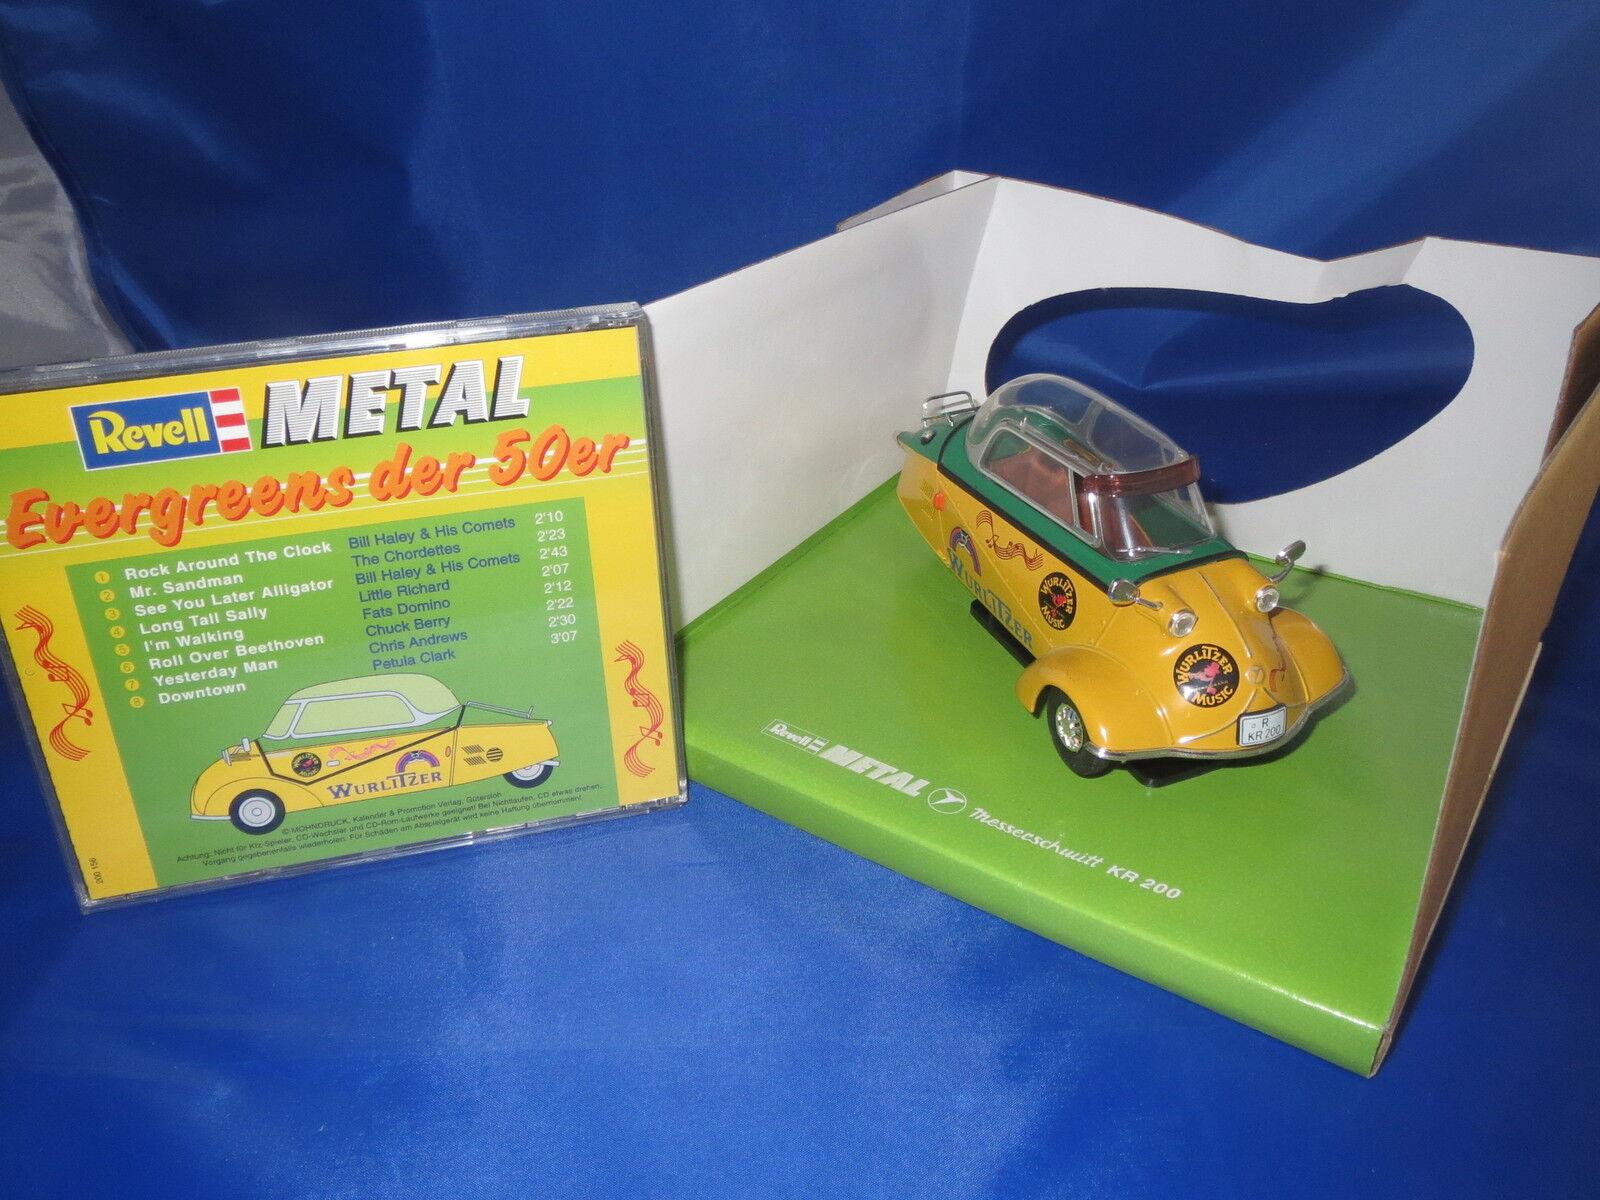 Revell  08970  Messerschmitt  KR  200 & CD EverGrüns der 50er`  1 18  OVP  | Flagship-Store